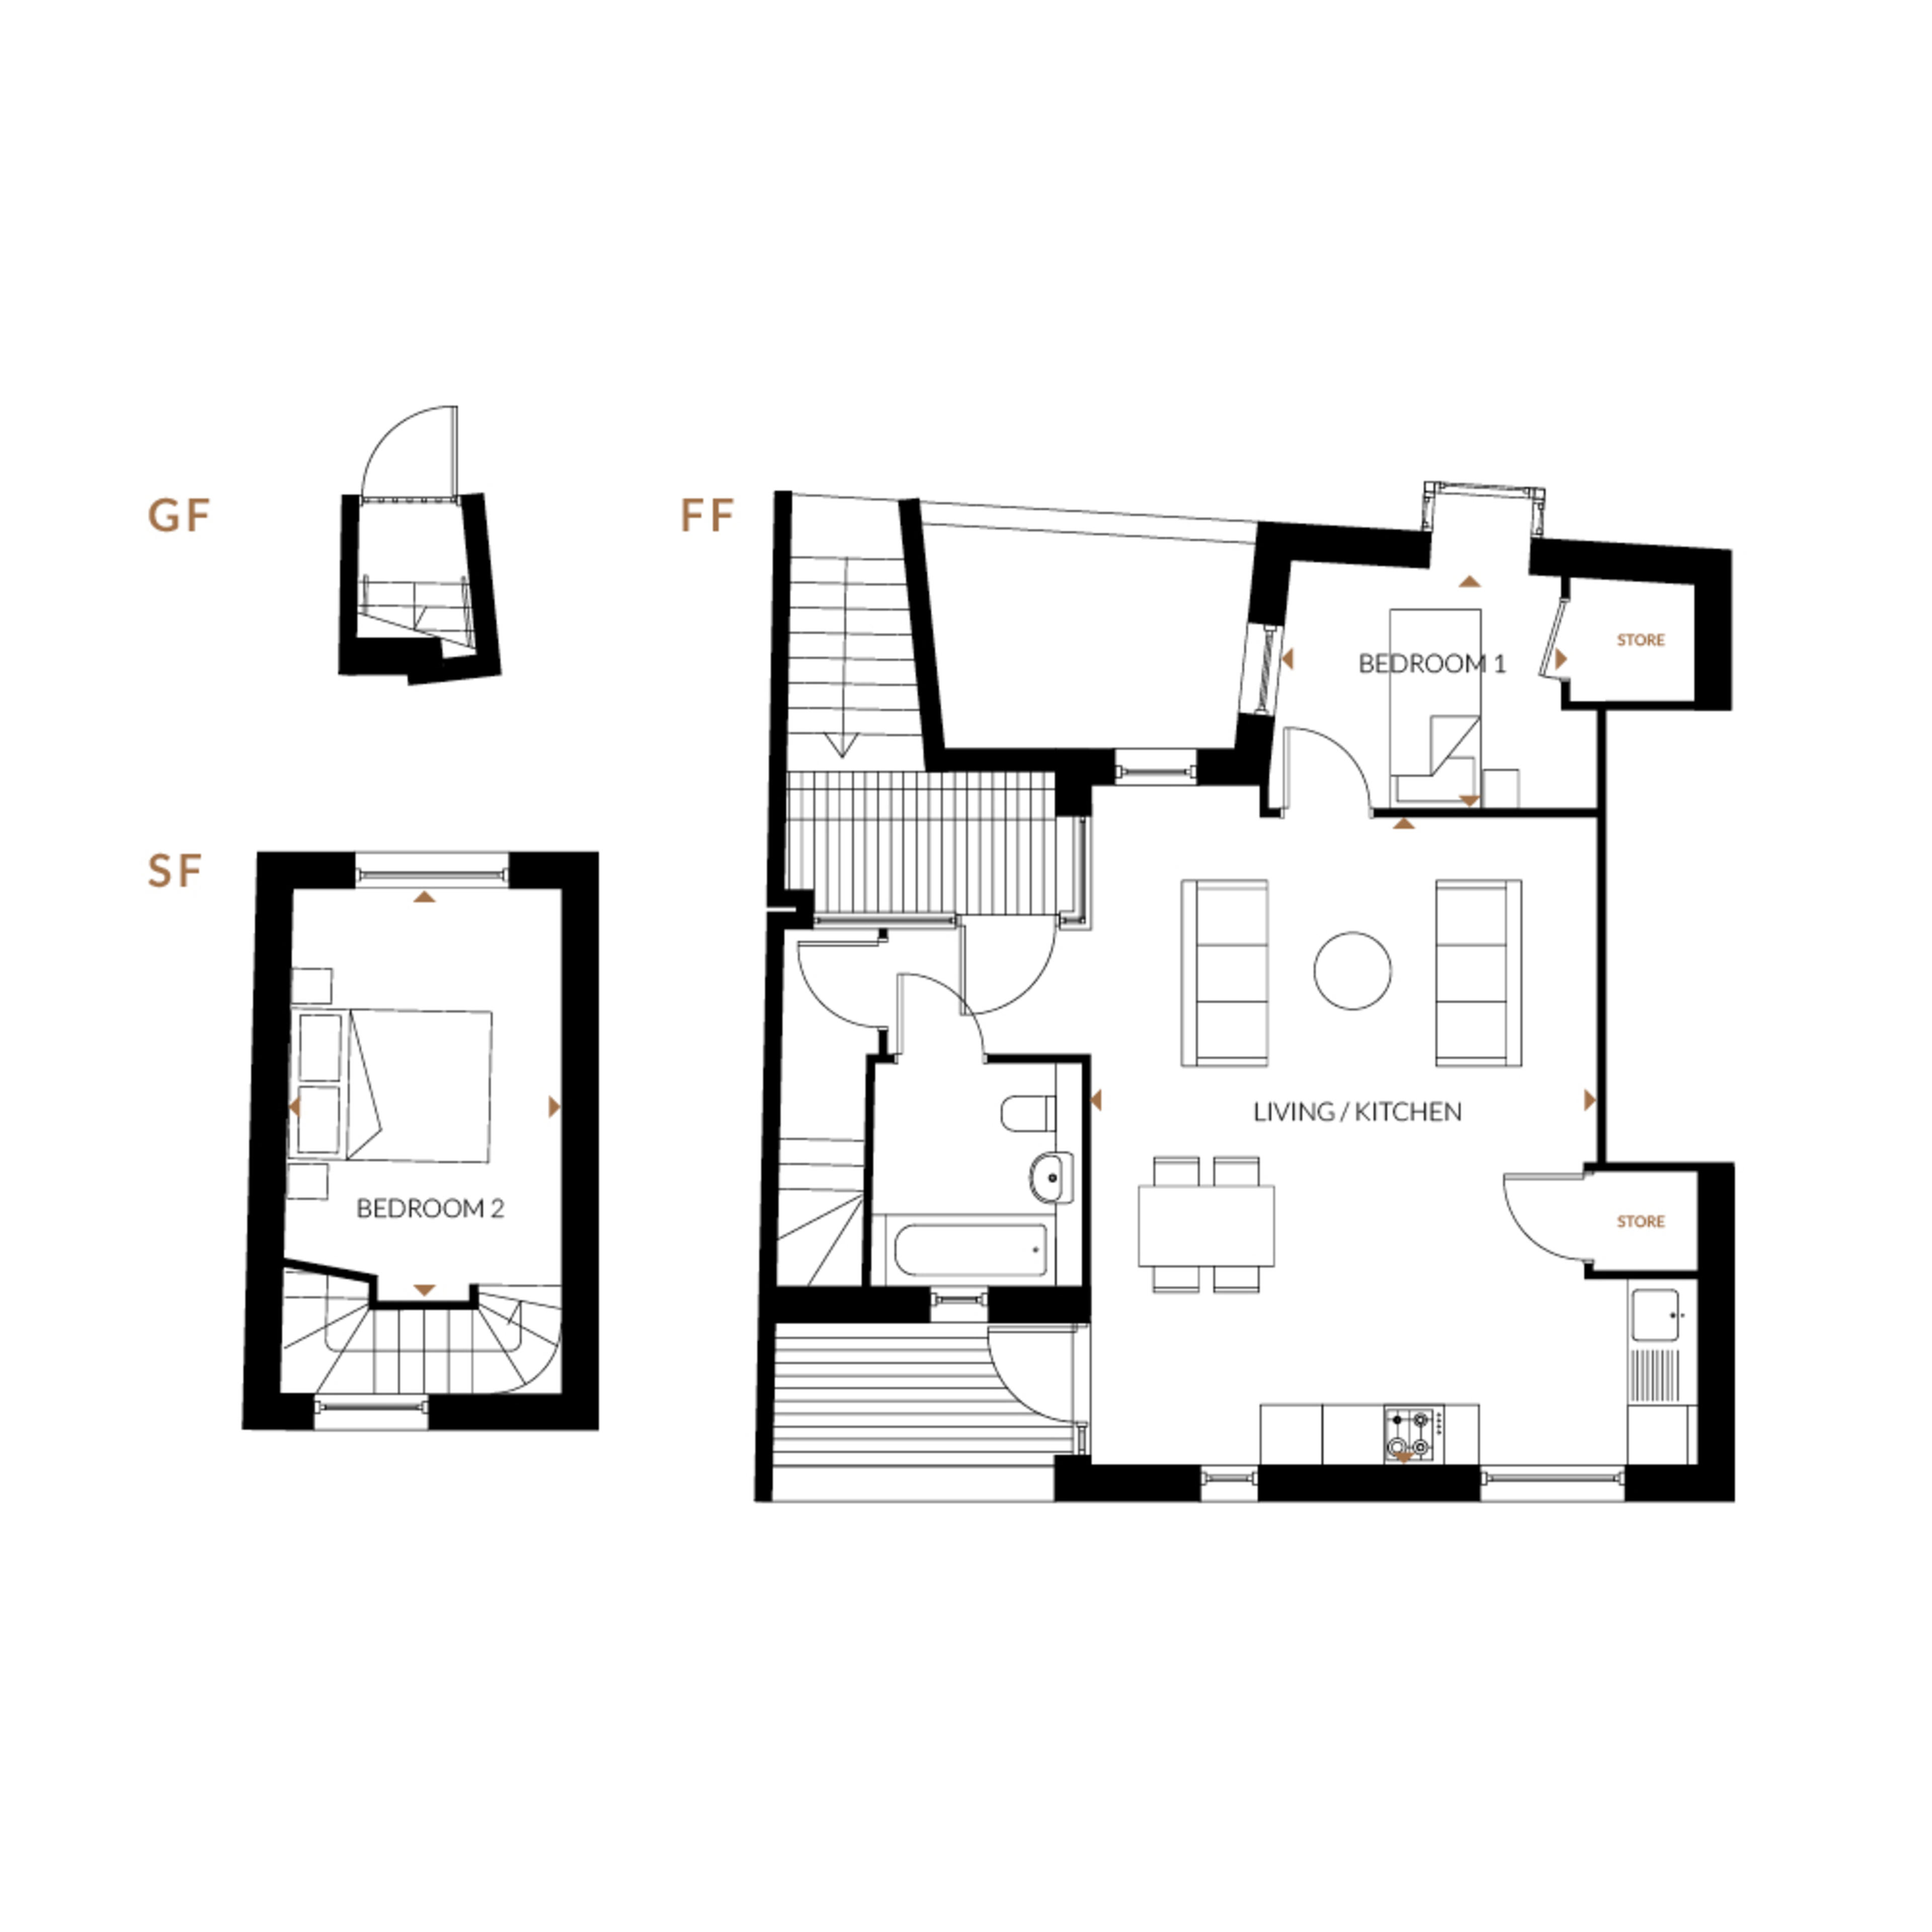 Edgewood-mews-floorplan-2-bed-type-D